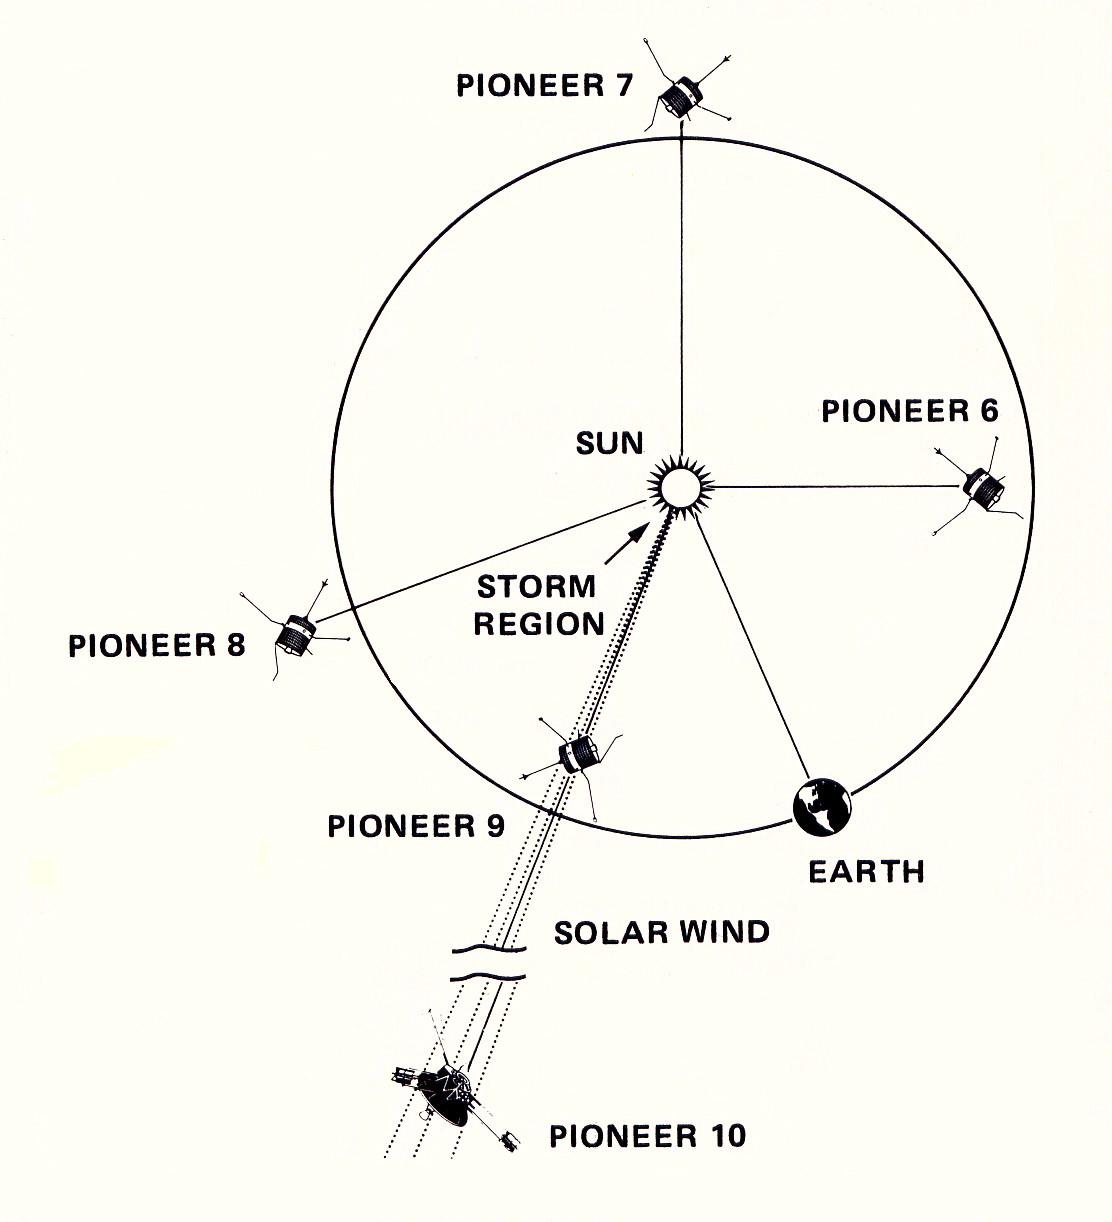 Pioneers 6 11